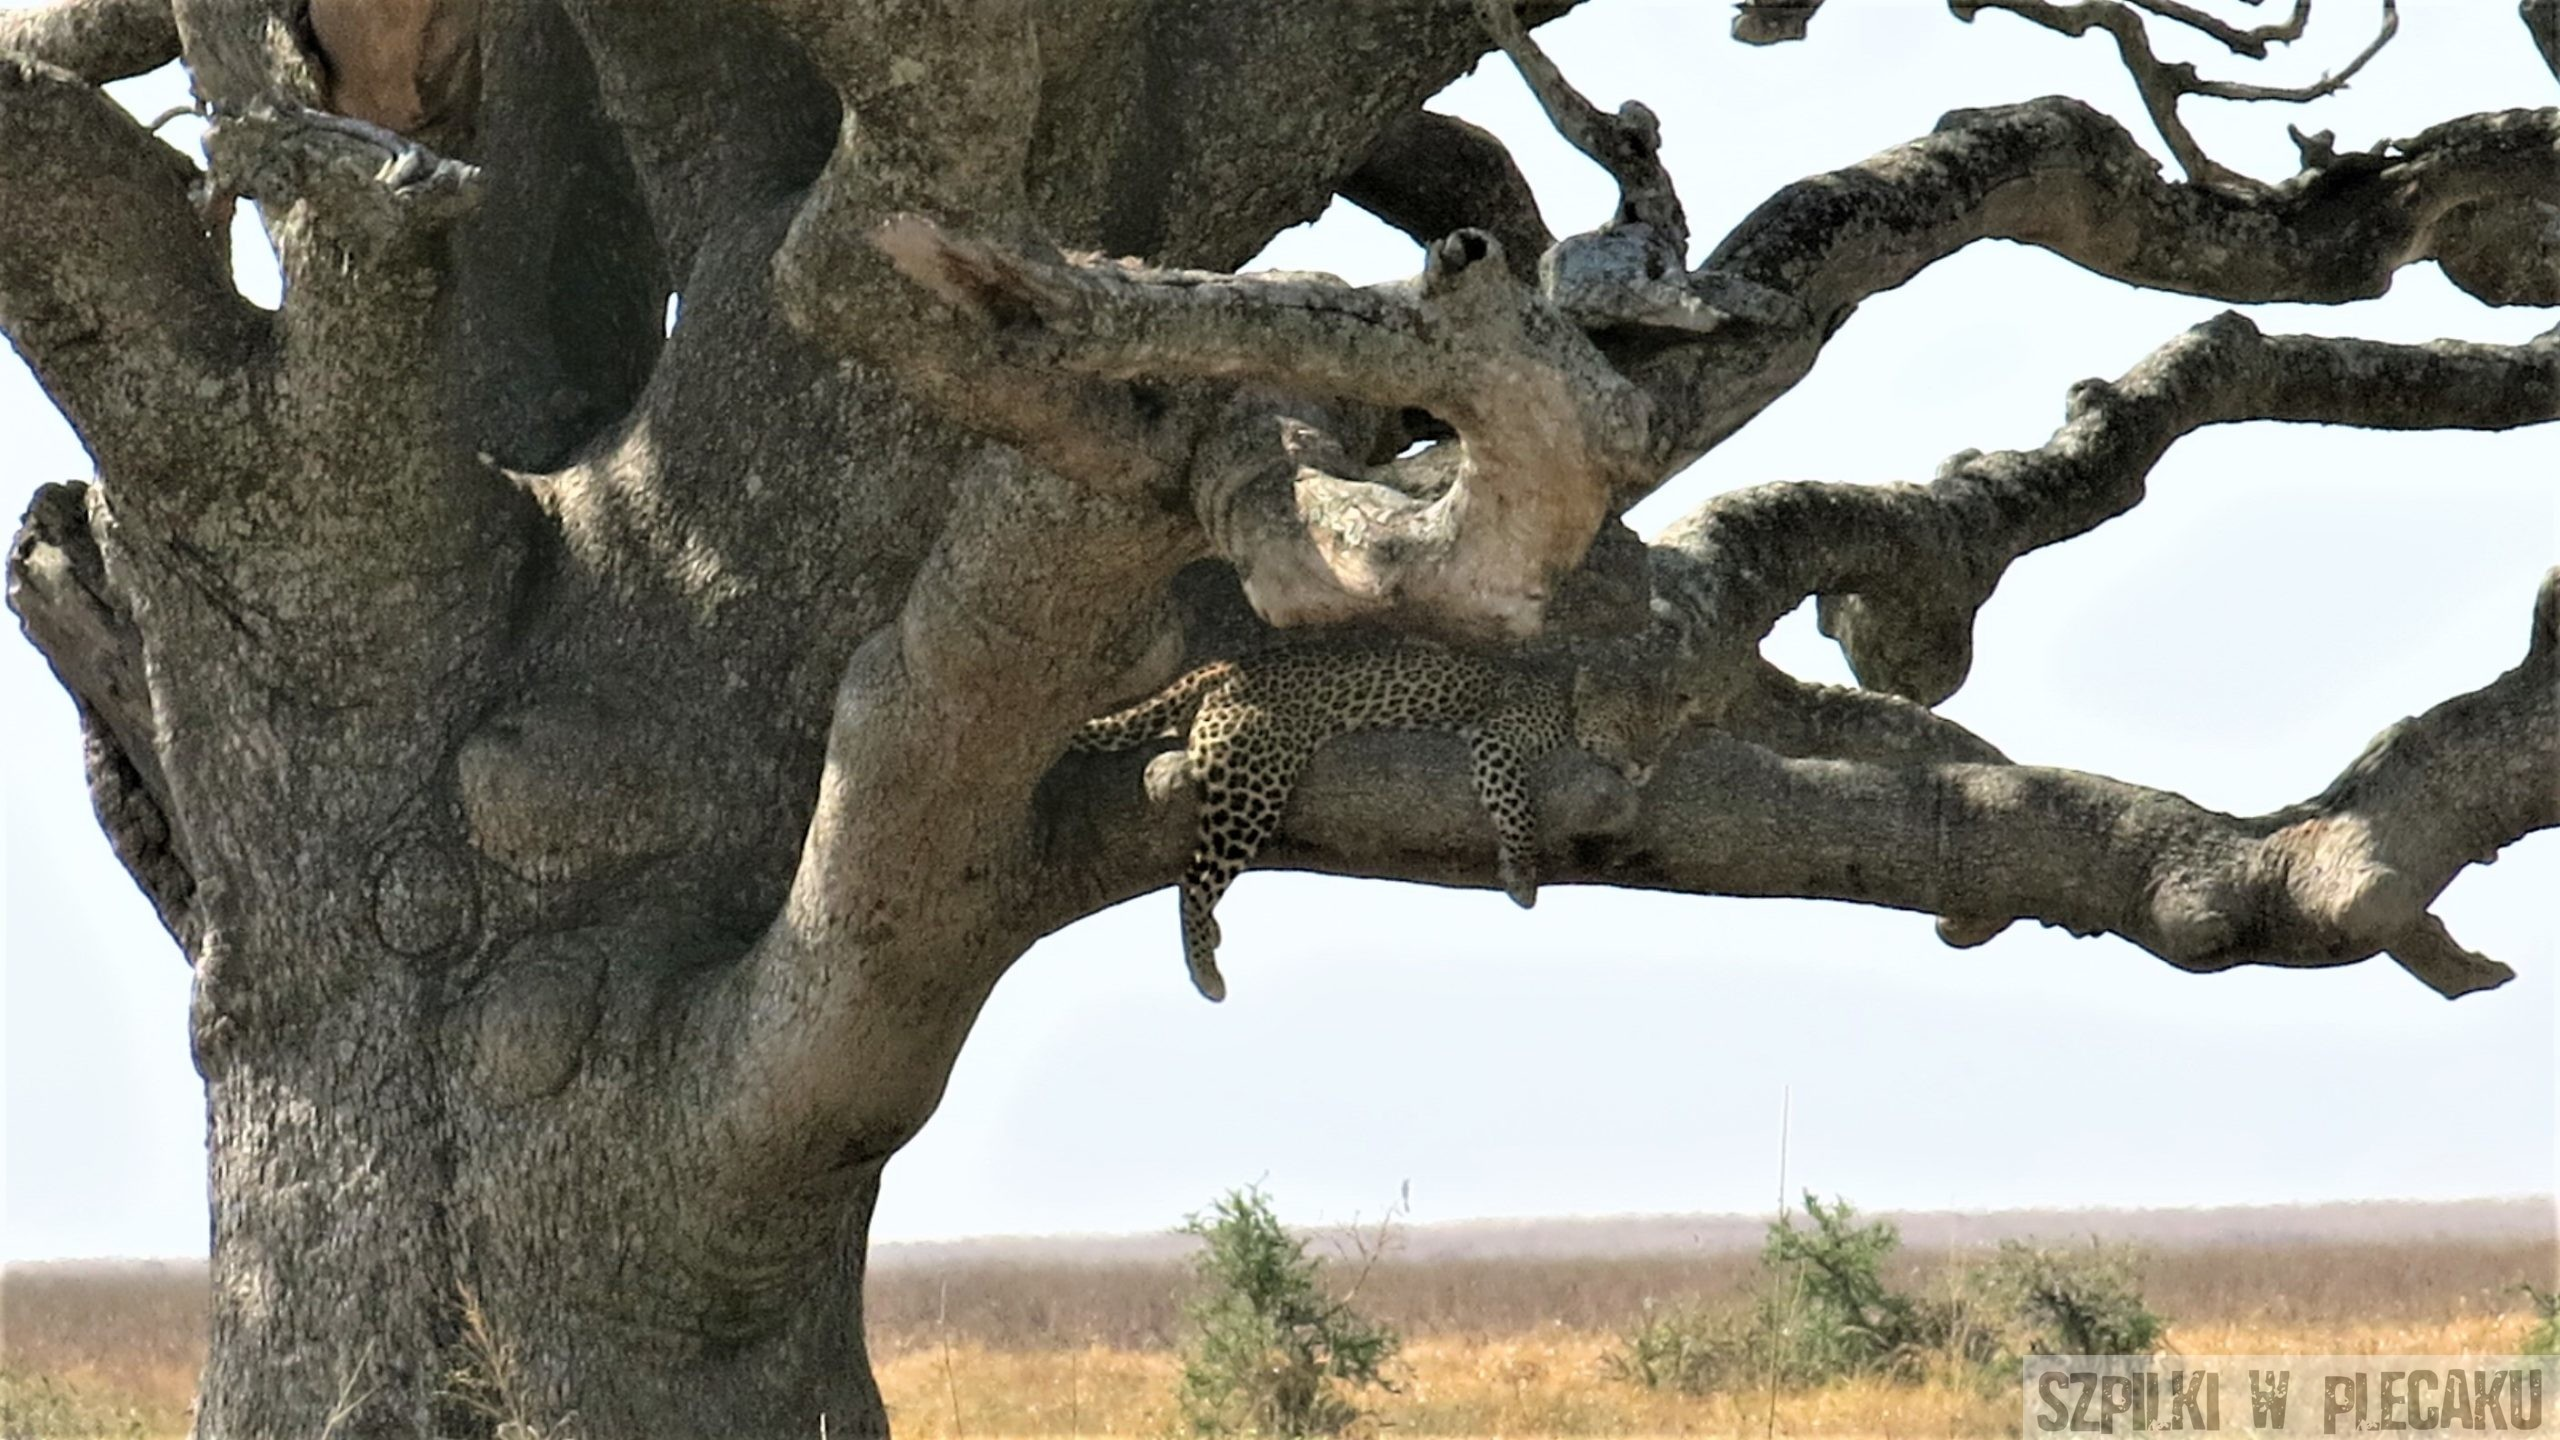 Serengeri - Tanzania - Szpilki w plecaku